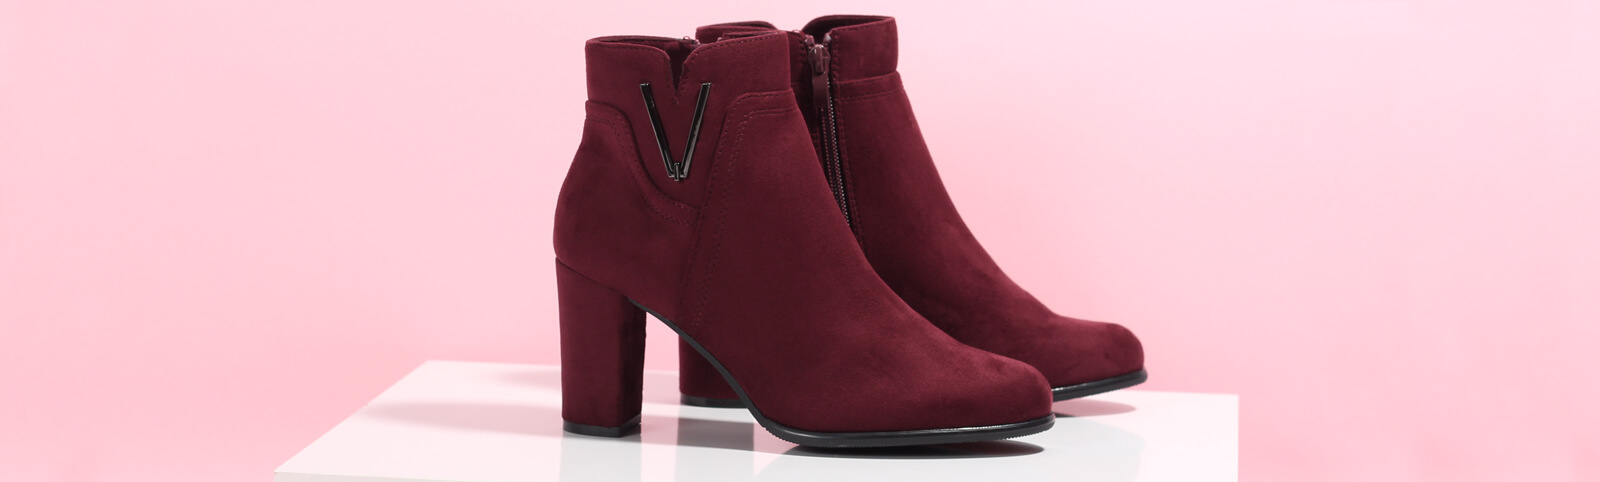 80bb2e0741 Jakie buty na jesień wybrać  Rozbudowany przewodnik damskiego